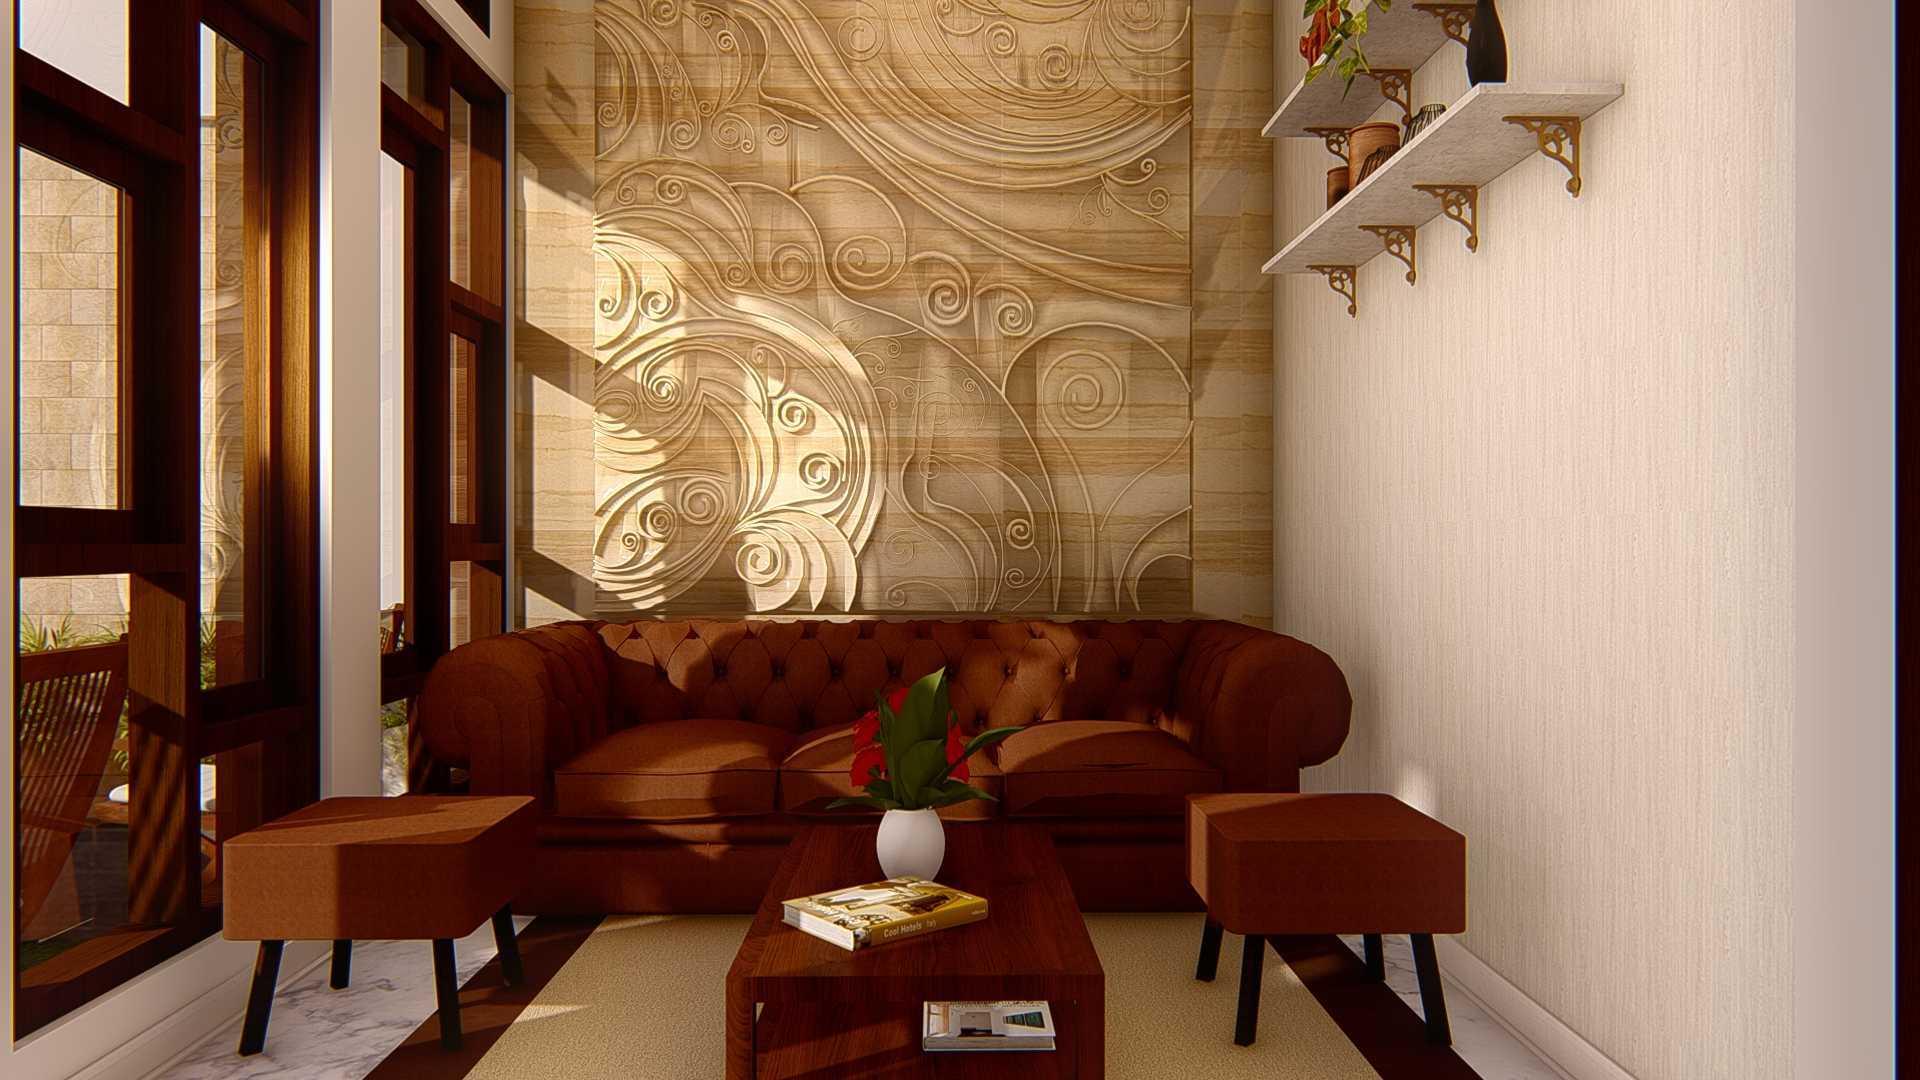 Artha Architect Rumah Tropis Di Lahan Memanjang Kabupaten Brebes, Jawa Tengah, Indonesia Kabupaten Brebes, Jawa Tengah, Indonesia Teras Depan Modern 102638